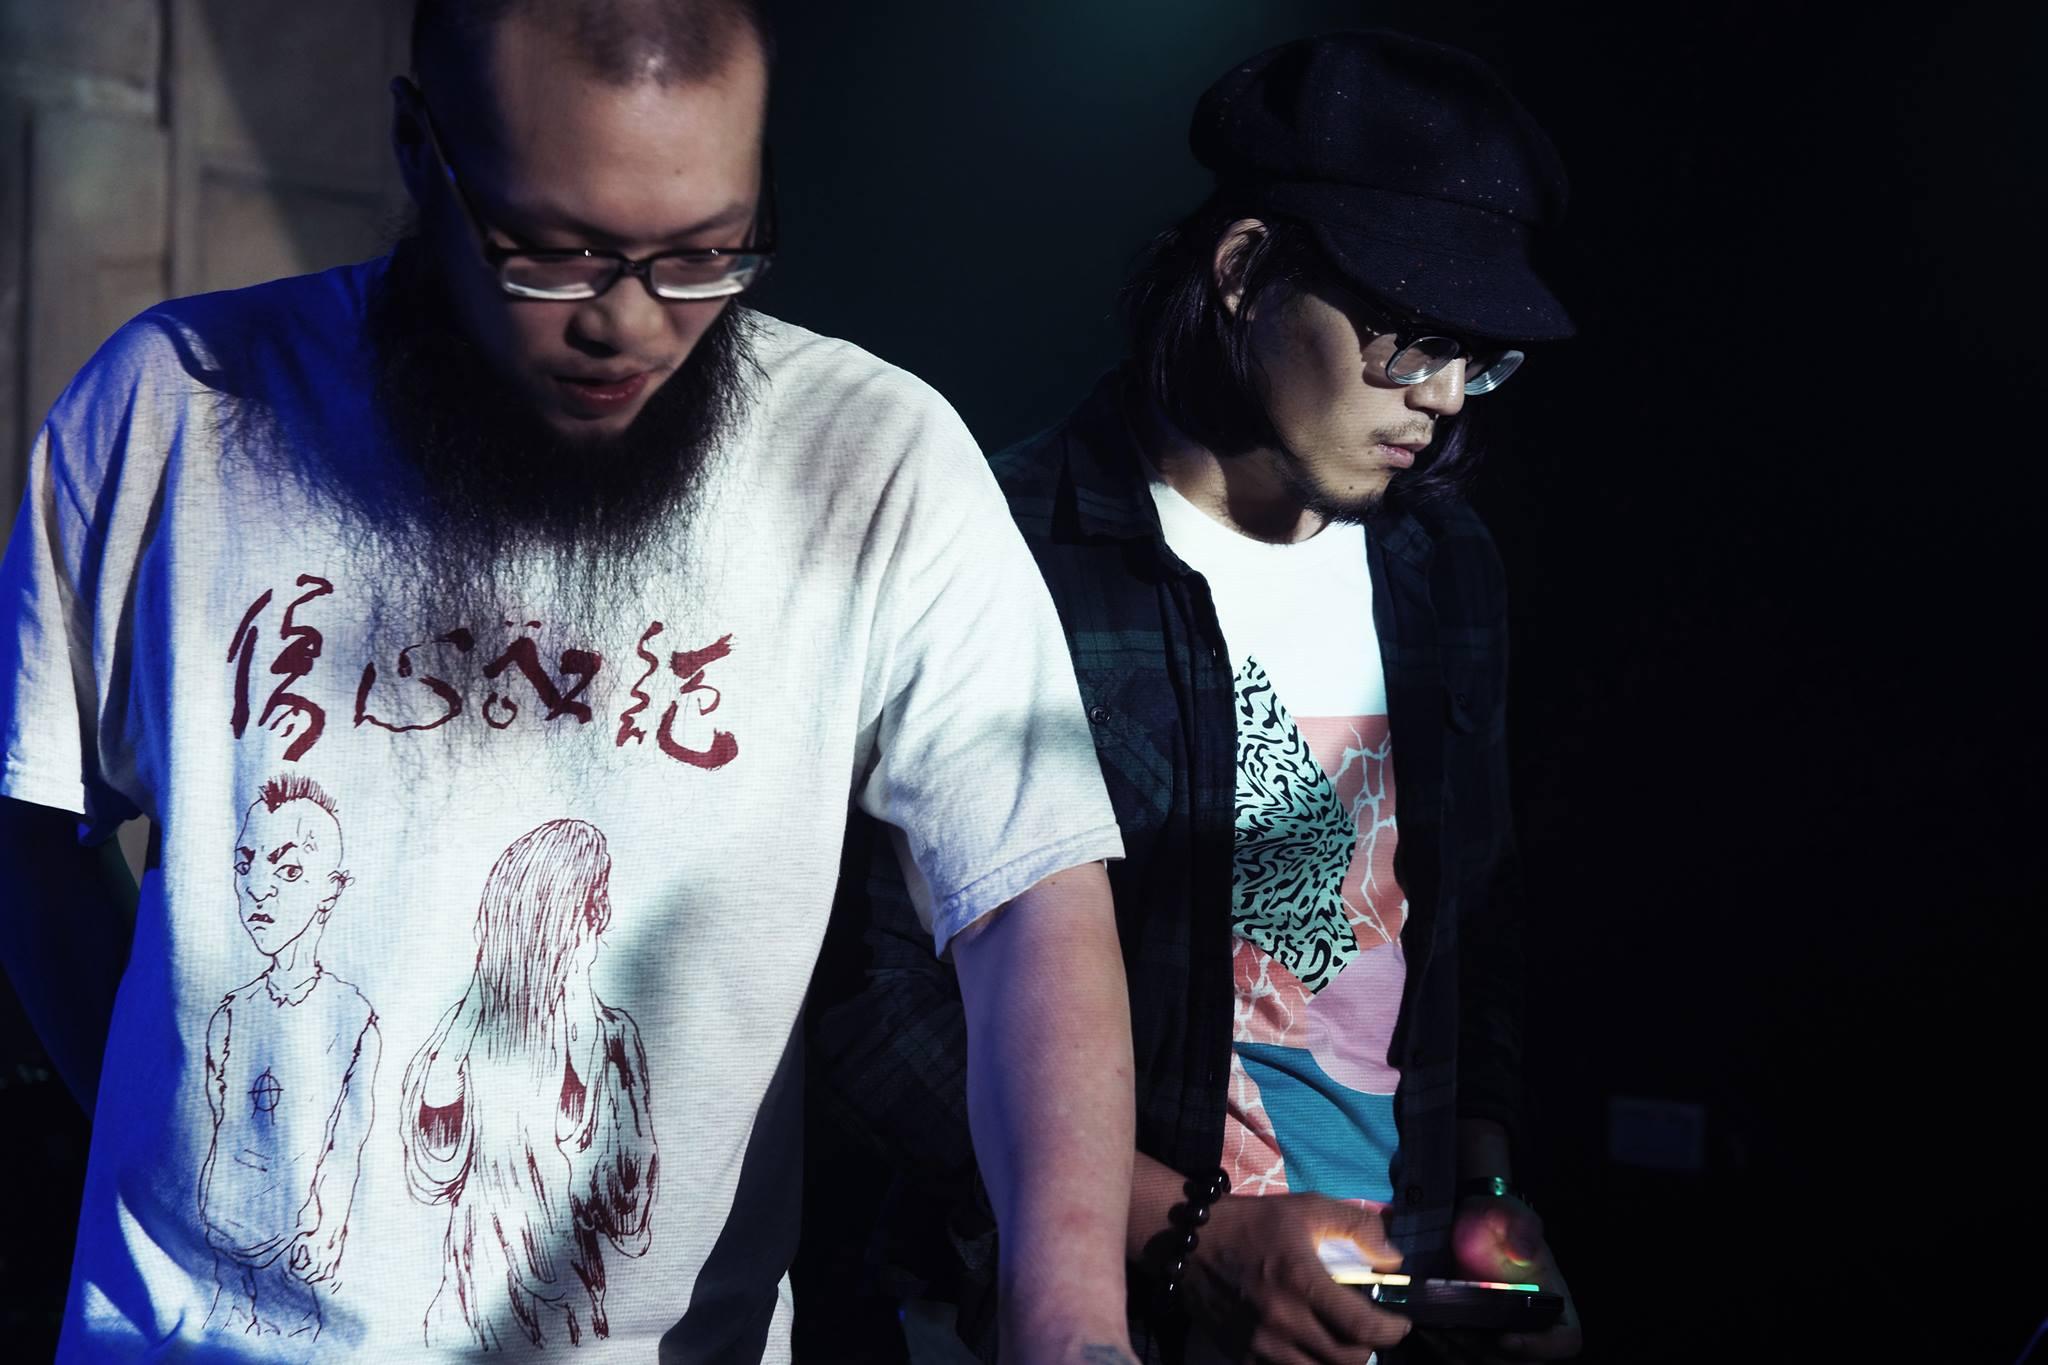 特別來賓官靖剛(左)與操刀視覺 VJ 的邱群,想必精彩可期。(Photo by 朱旻修)